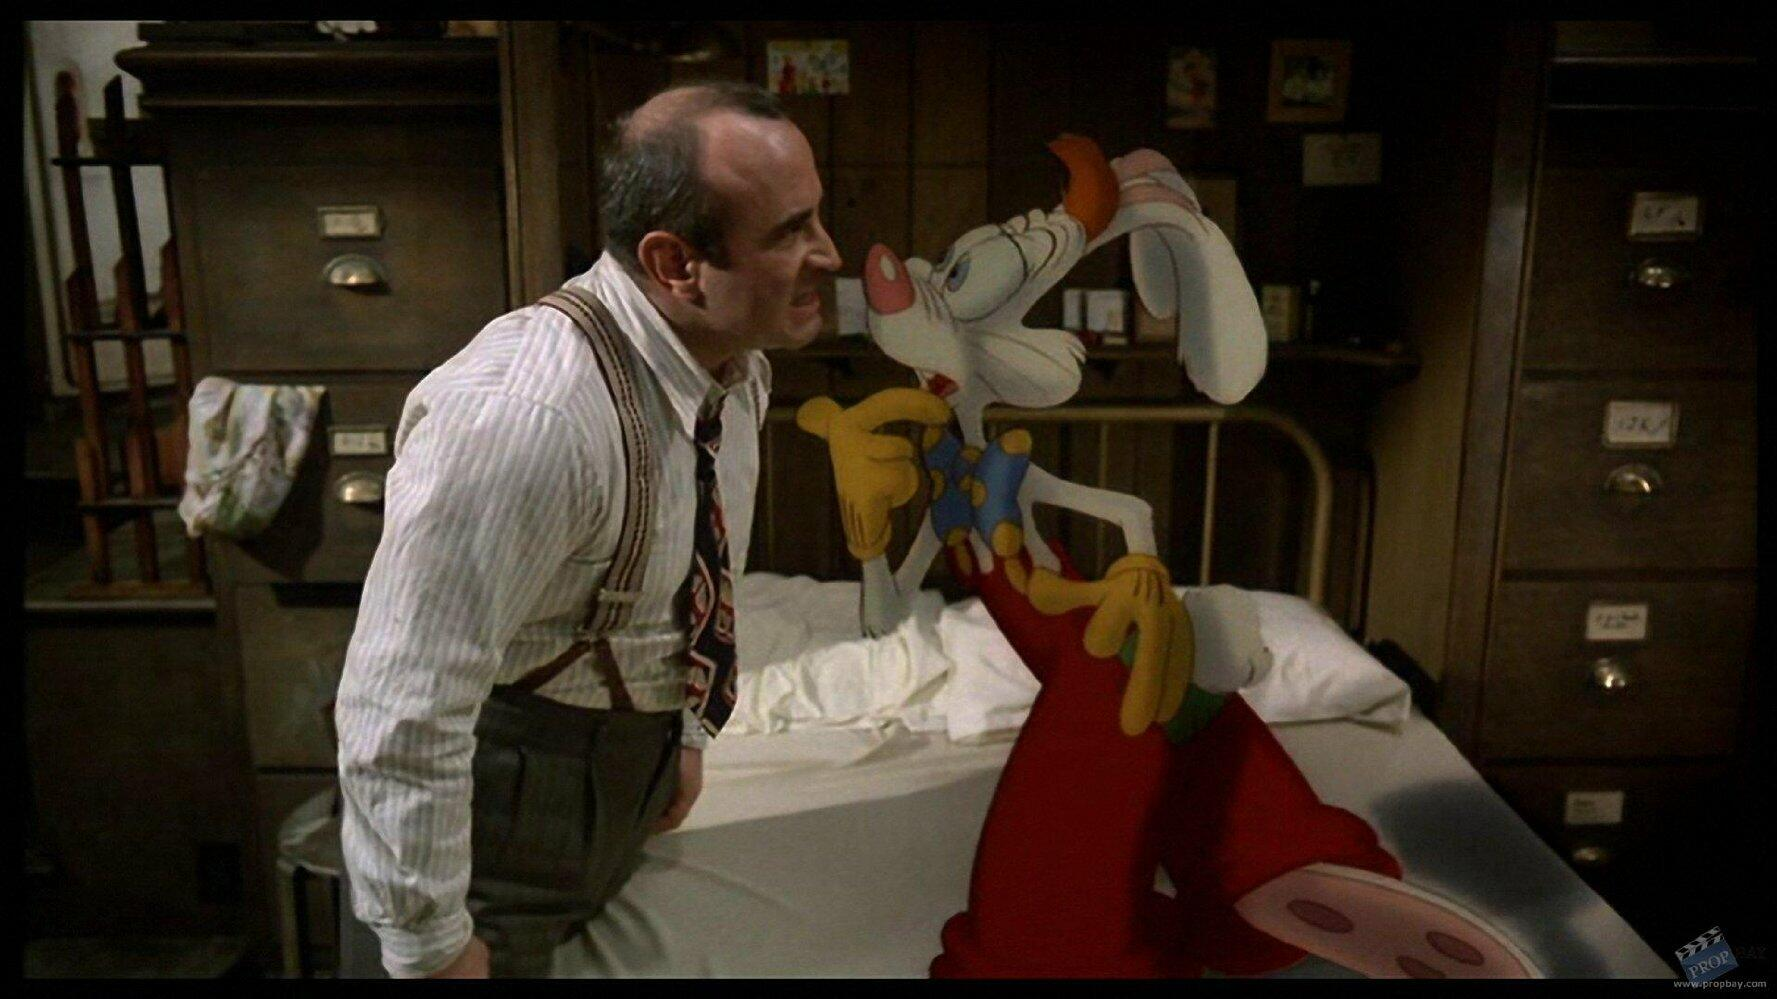 Falsches Spiel mit Roger Rabbit | Bild 3 von 19 | moviepilot.de